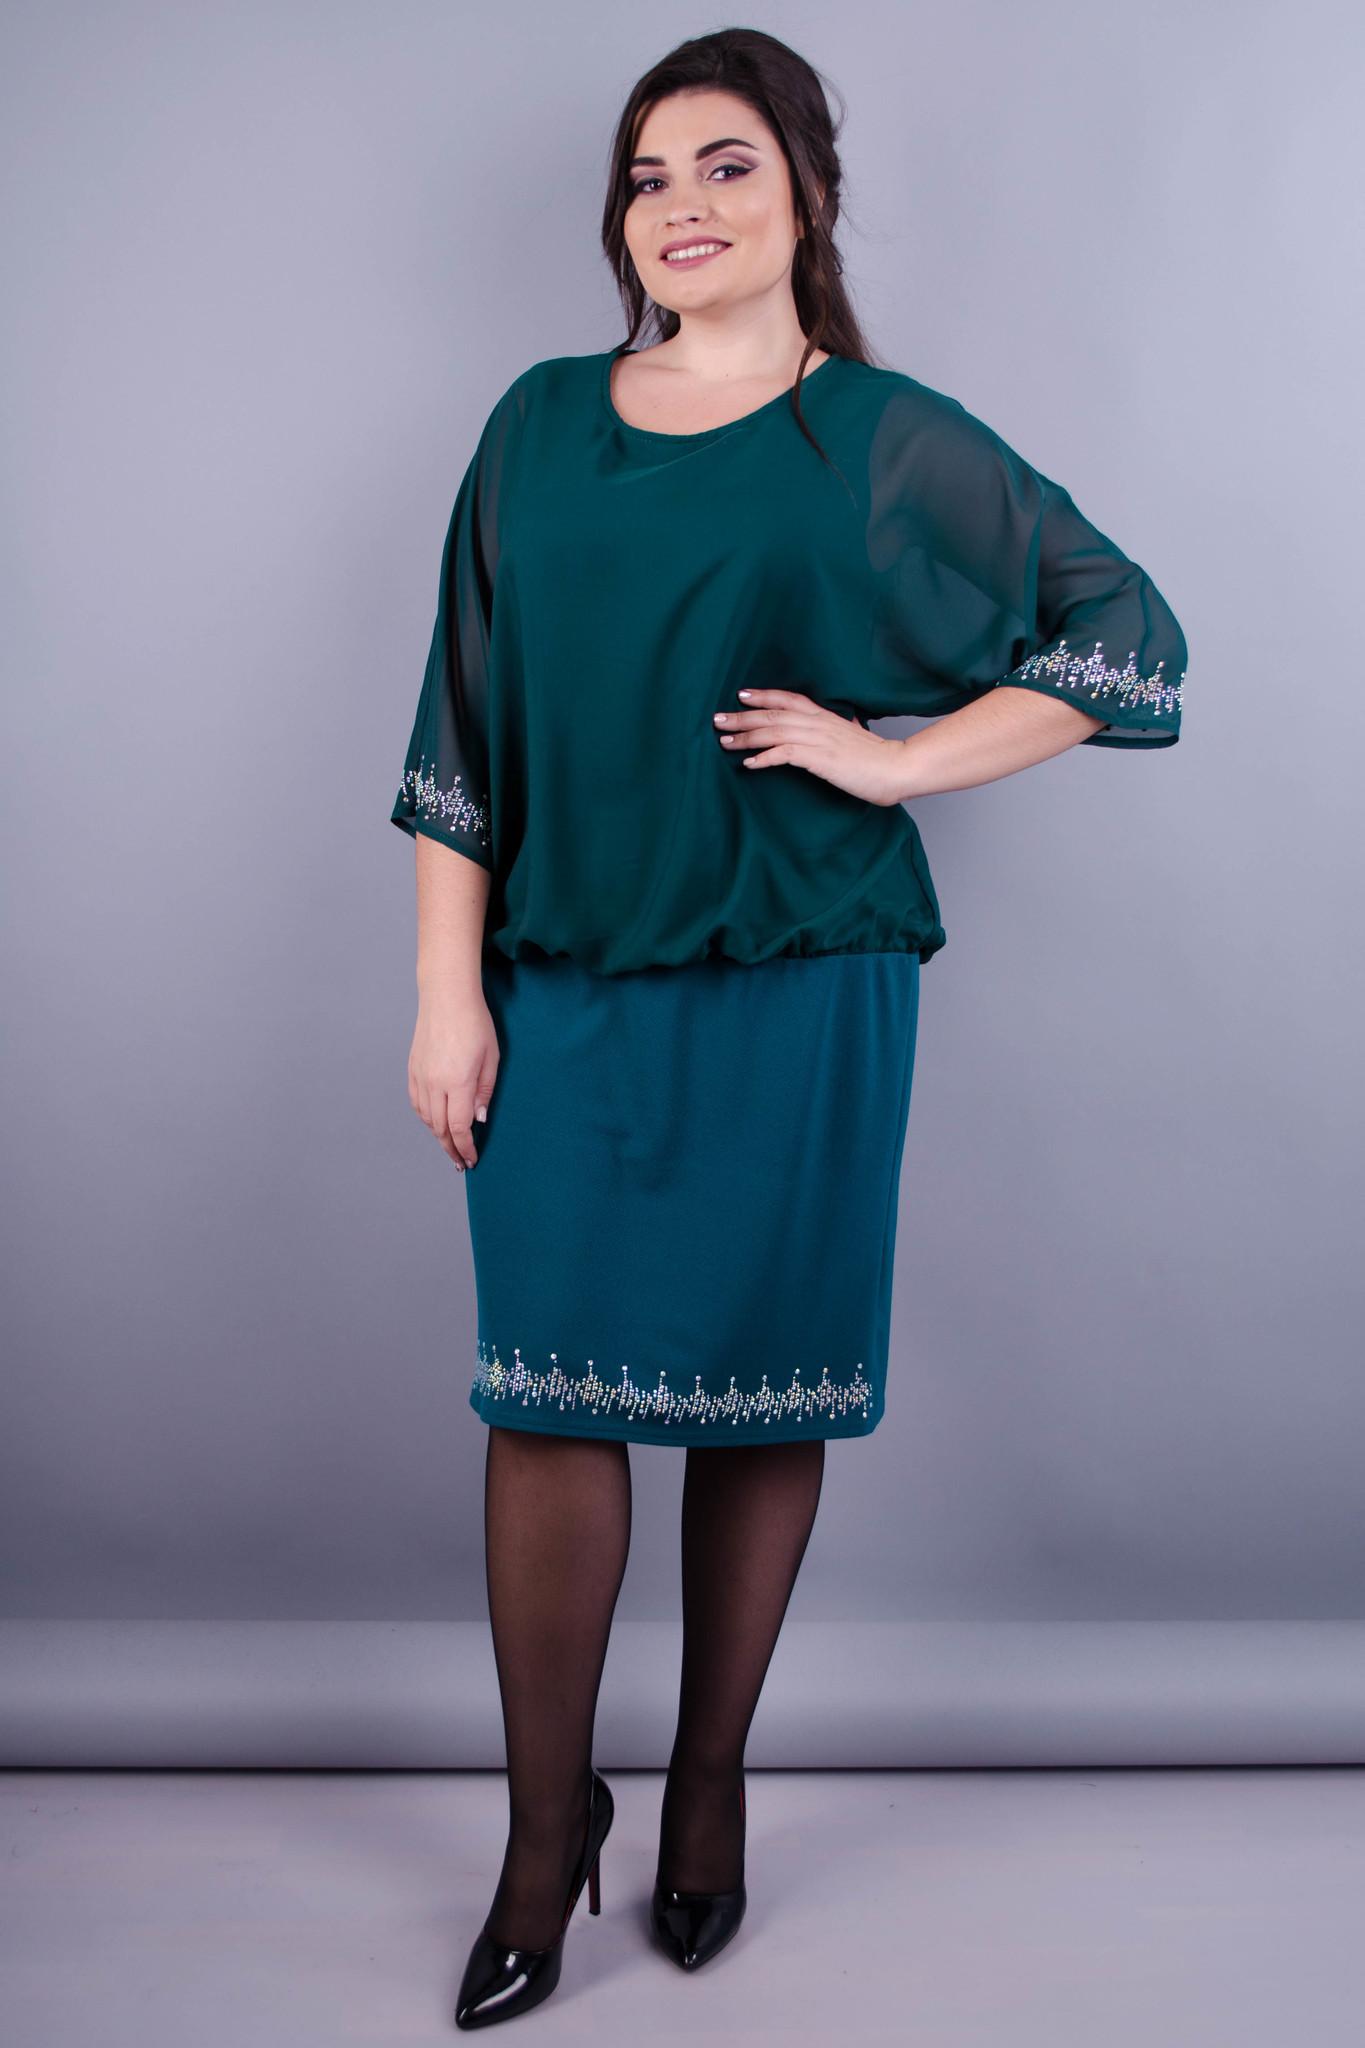 Алмаз. Святкова жіноча сукня великих розмірів. Смарагд. - купить по ... b1a7a2475dbfc